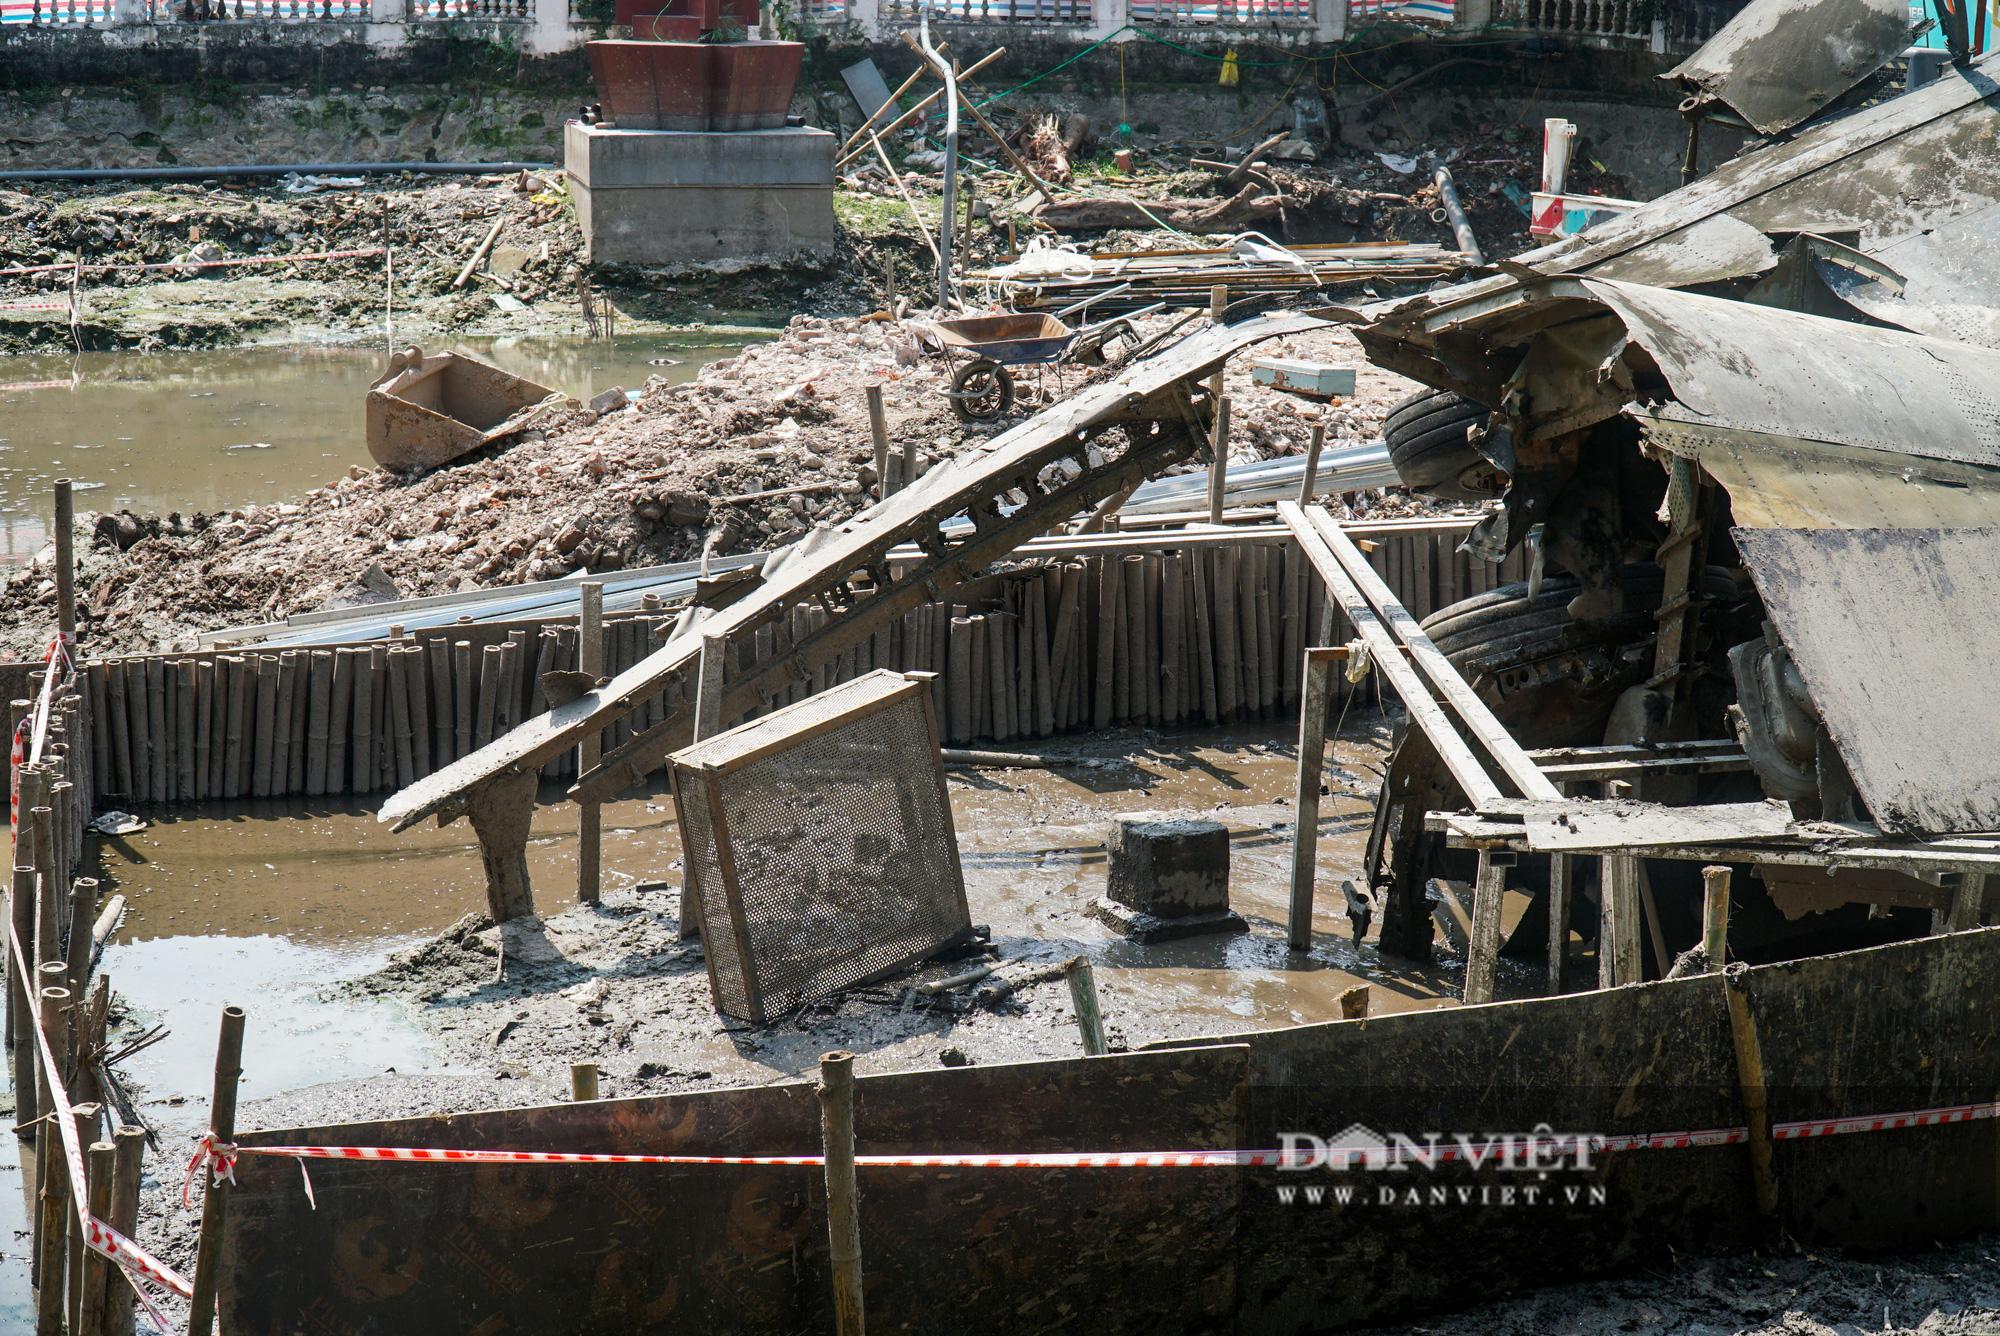 Pháo đài B52 dưới lòng hồ Hà Nội được nhấc bổng lên bờ để tu sửa - Ảnh 6.